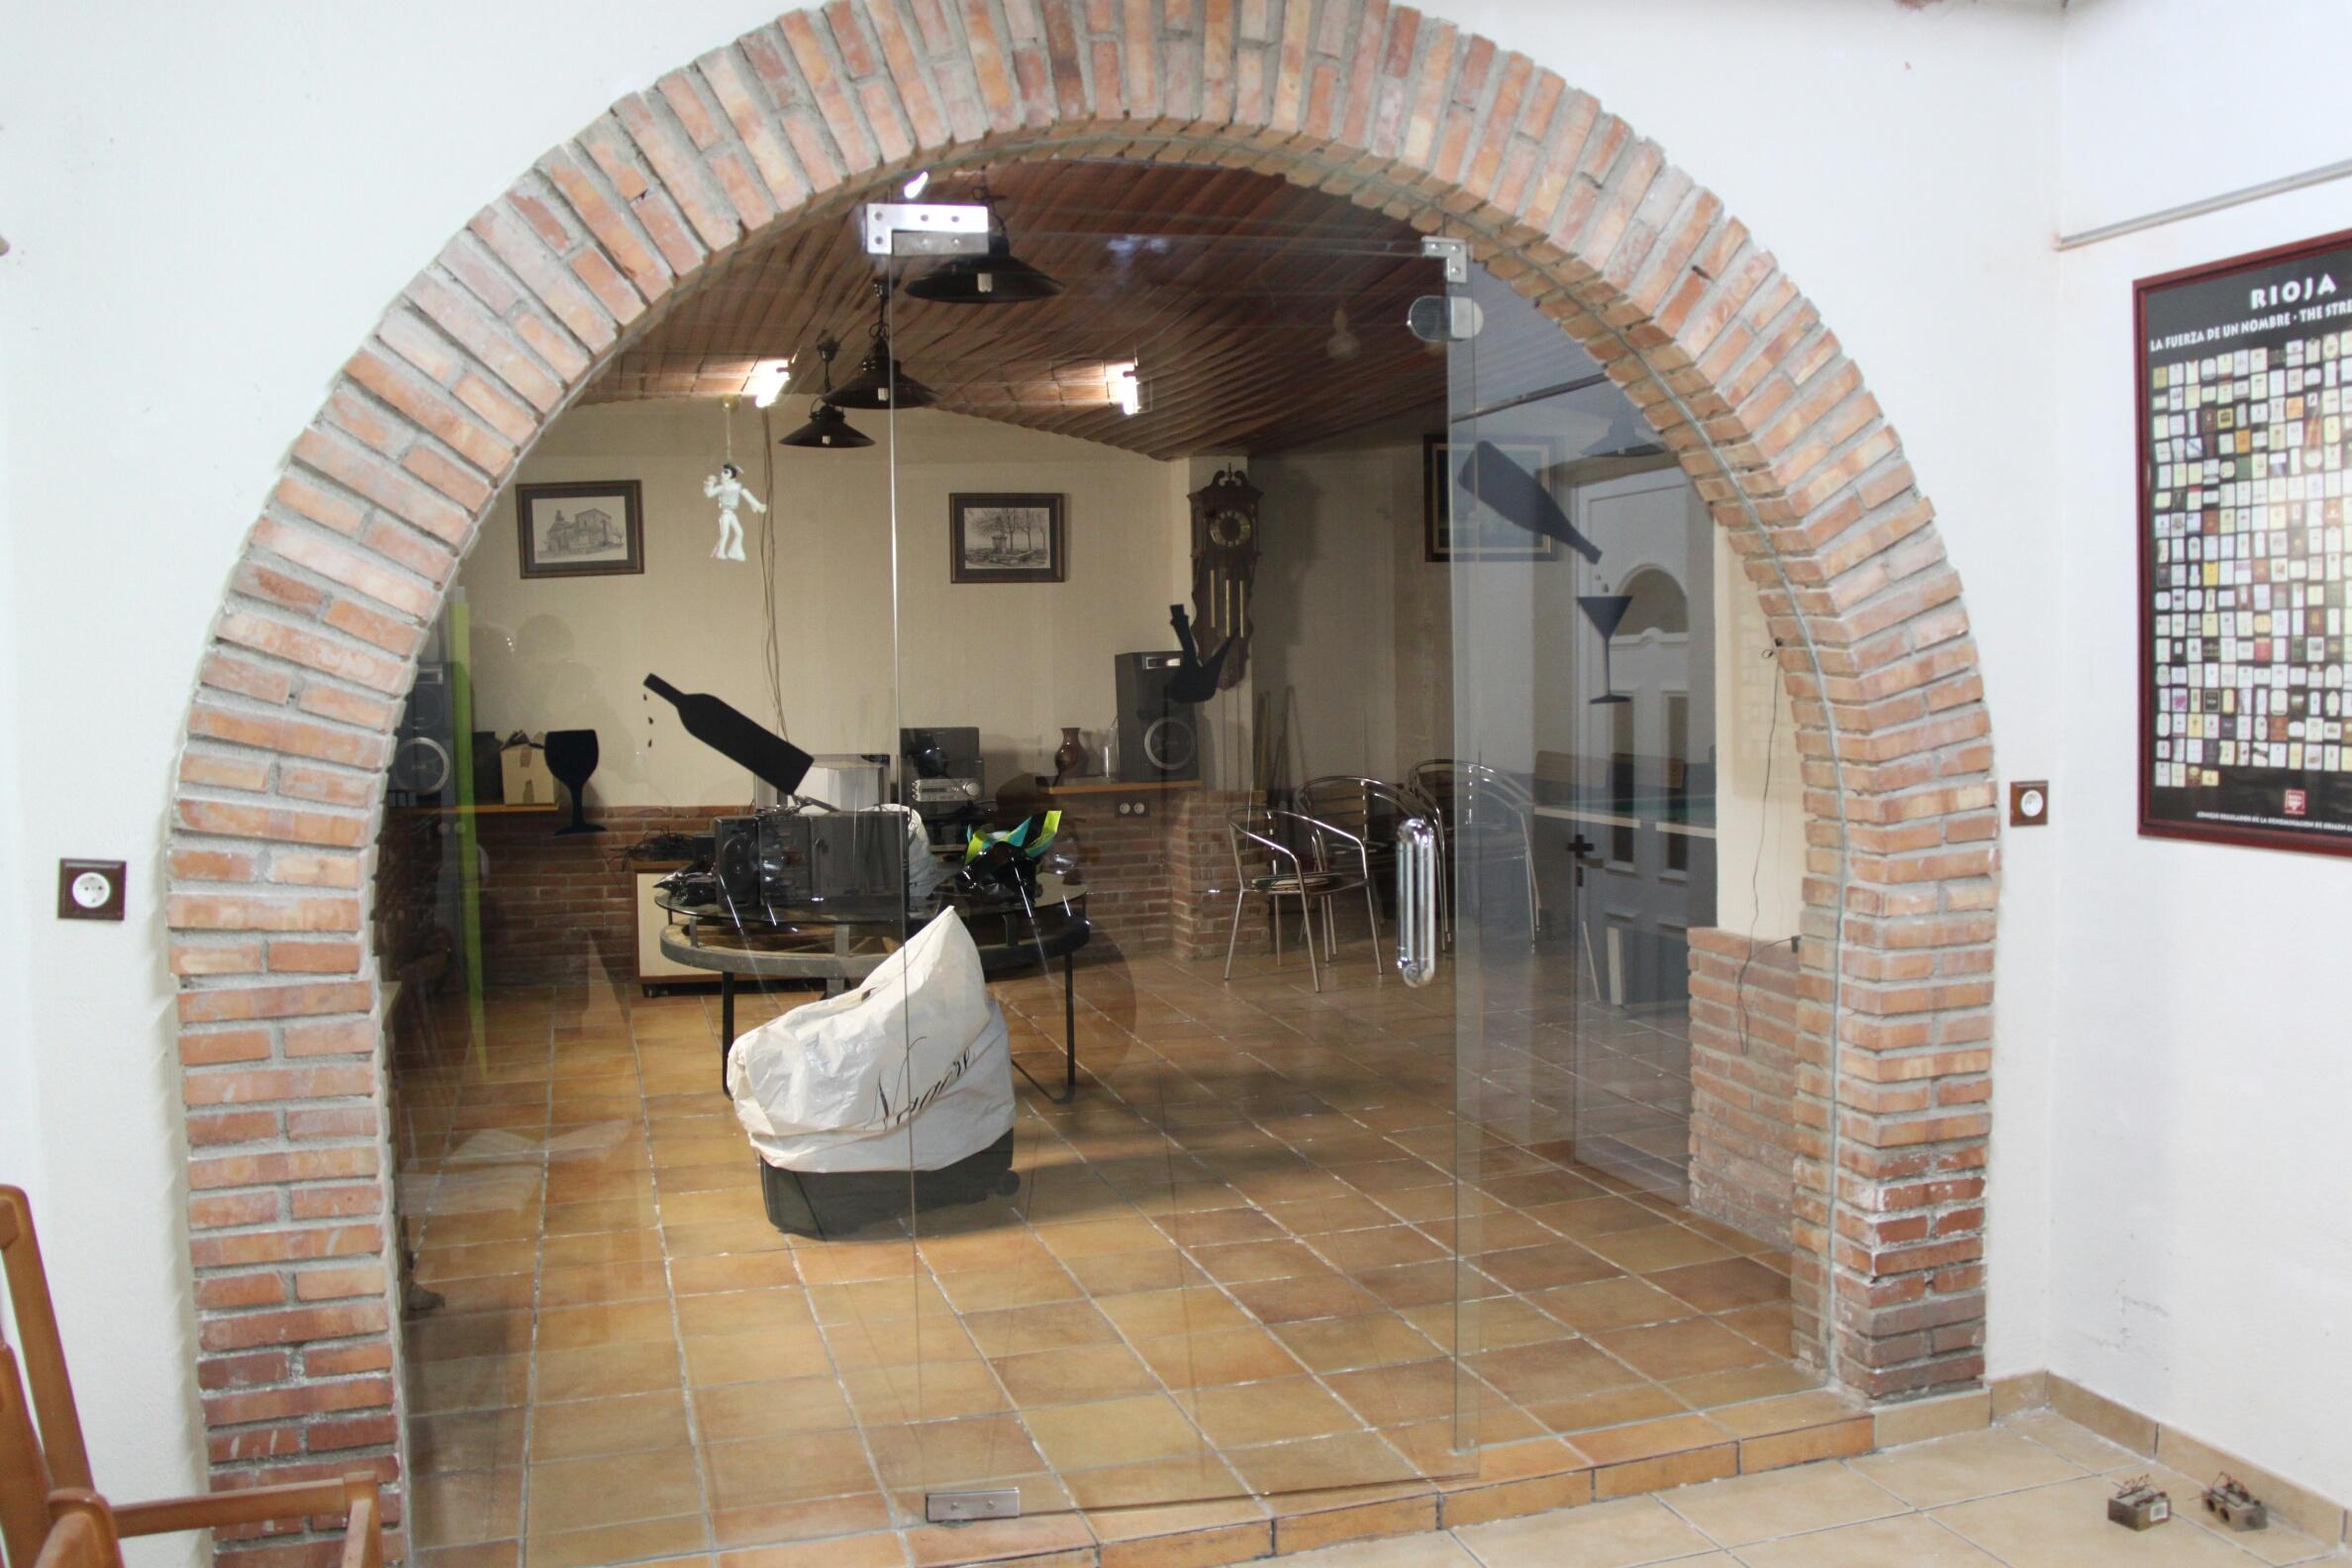 Perfecto arcos para puertas elaboraci n ideas de for Arcos de madera para puertas